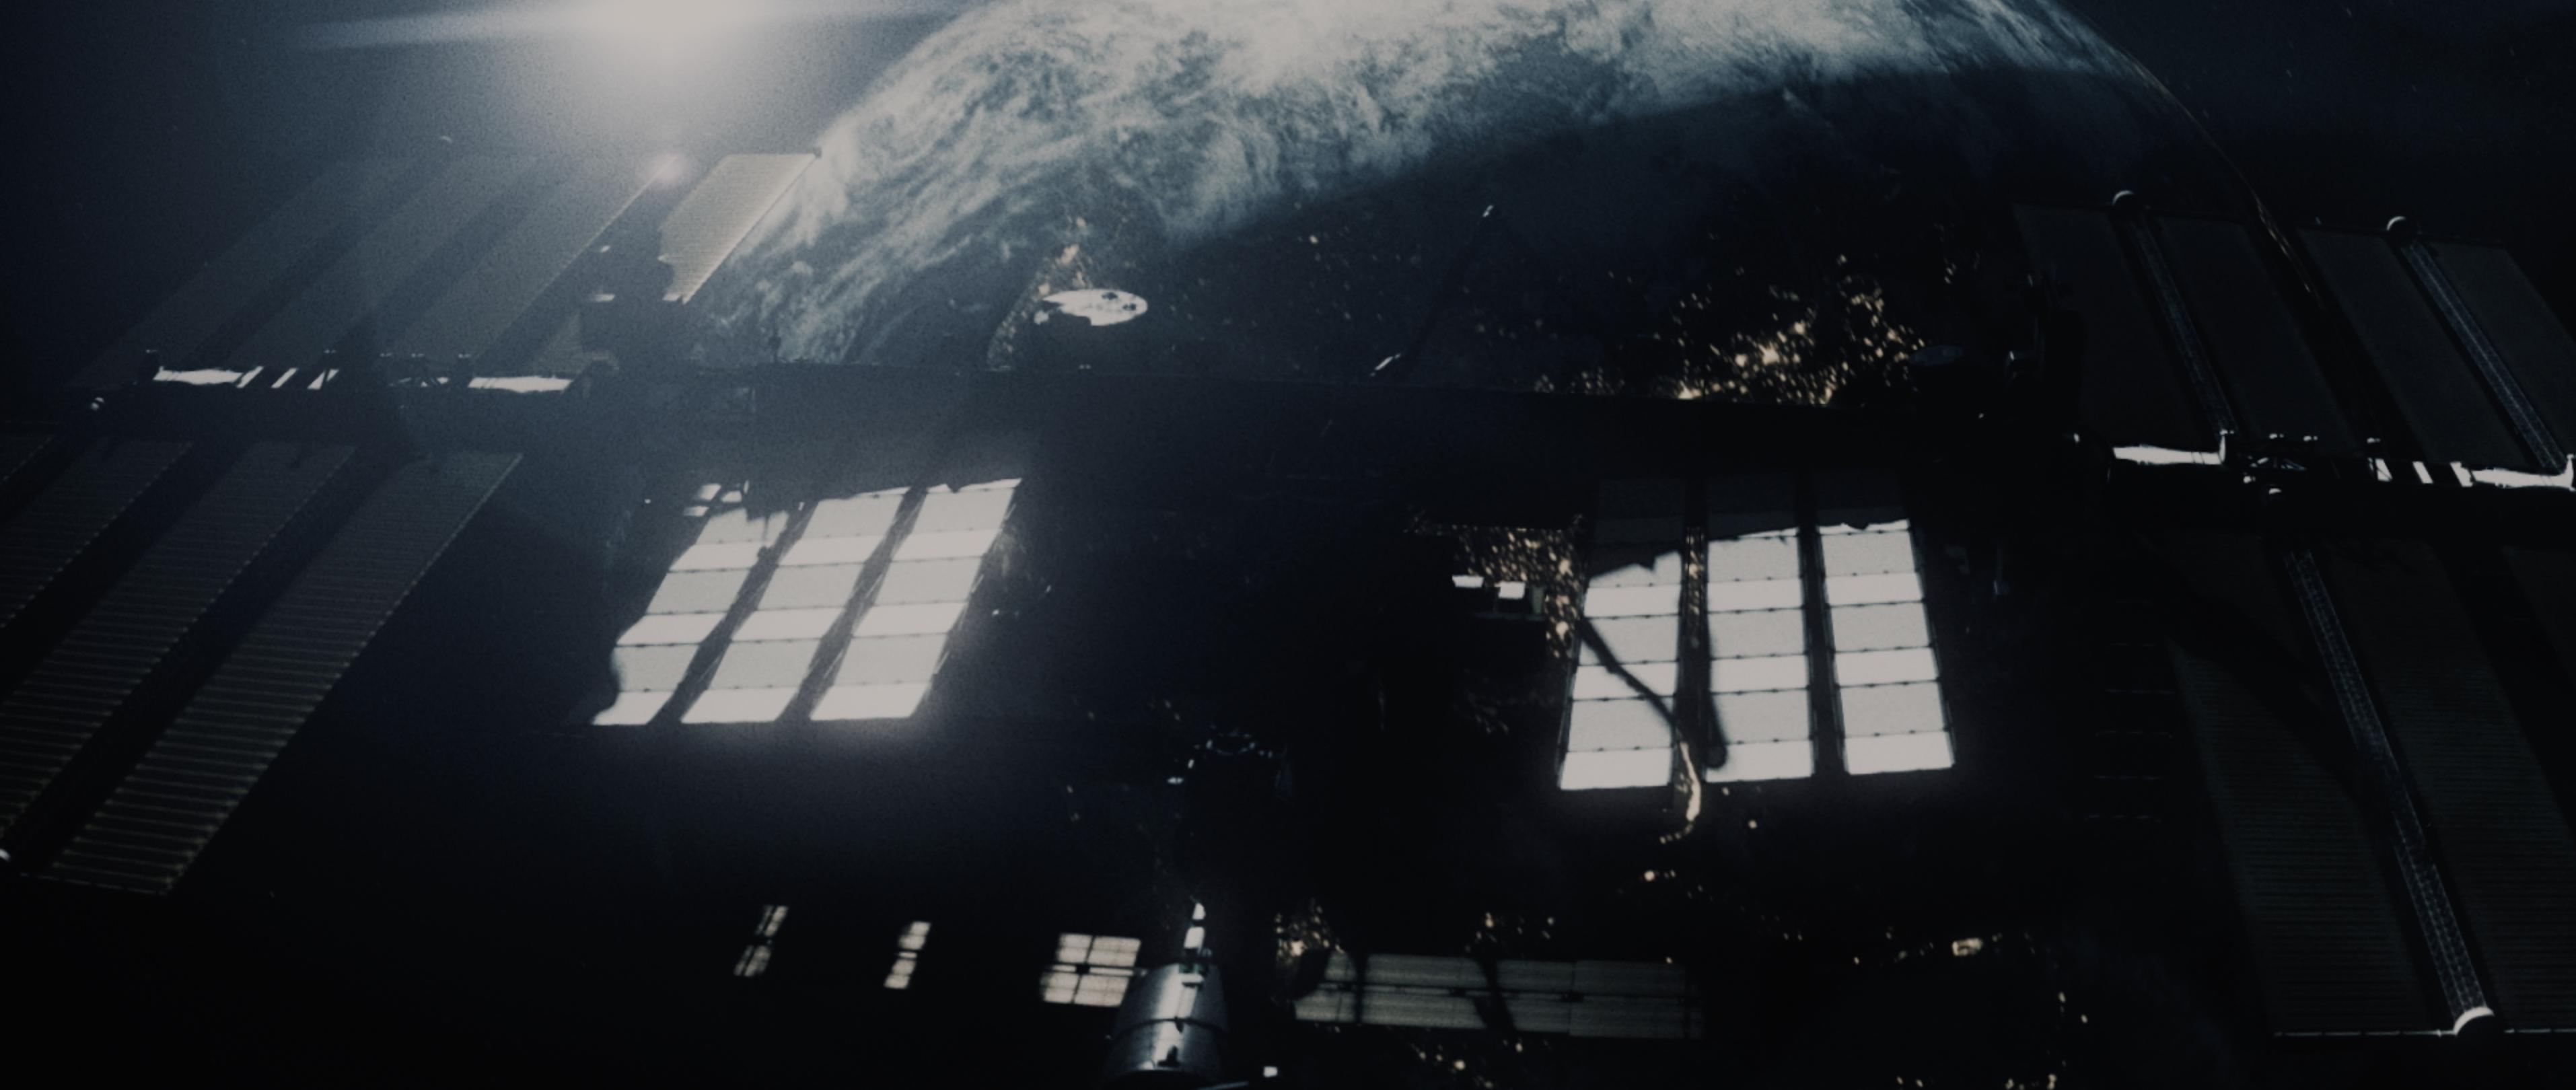 Screen Shot 2020-05-21 at 5.32.05 PM